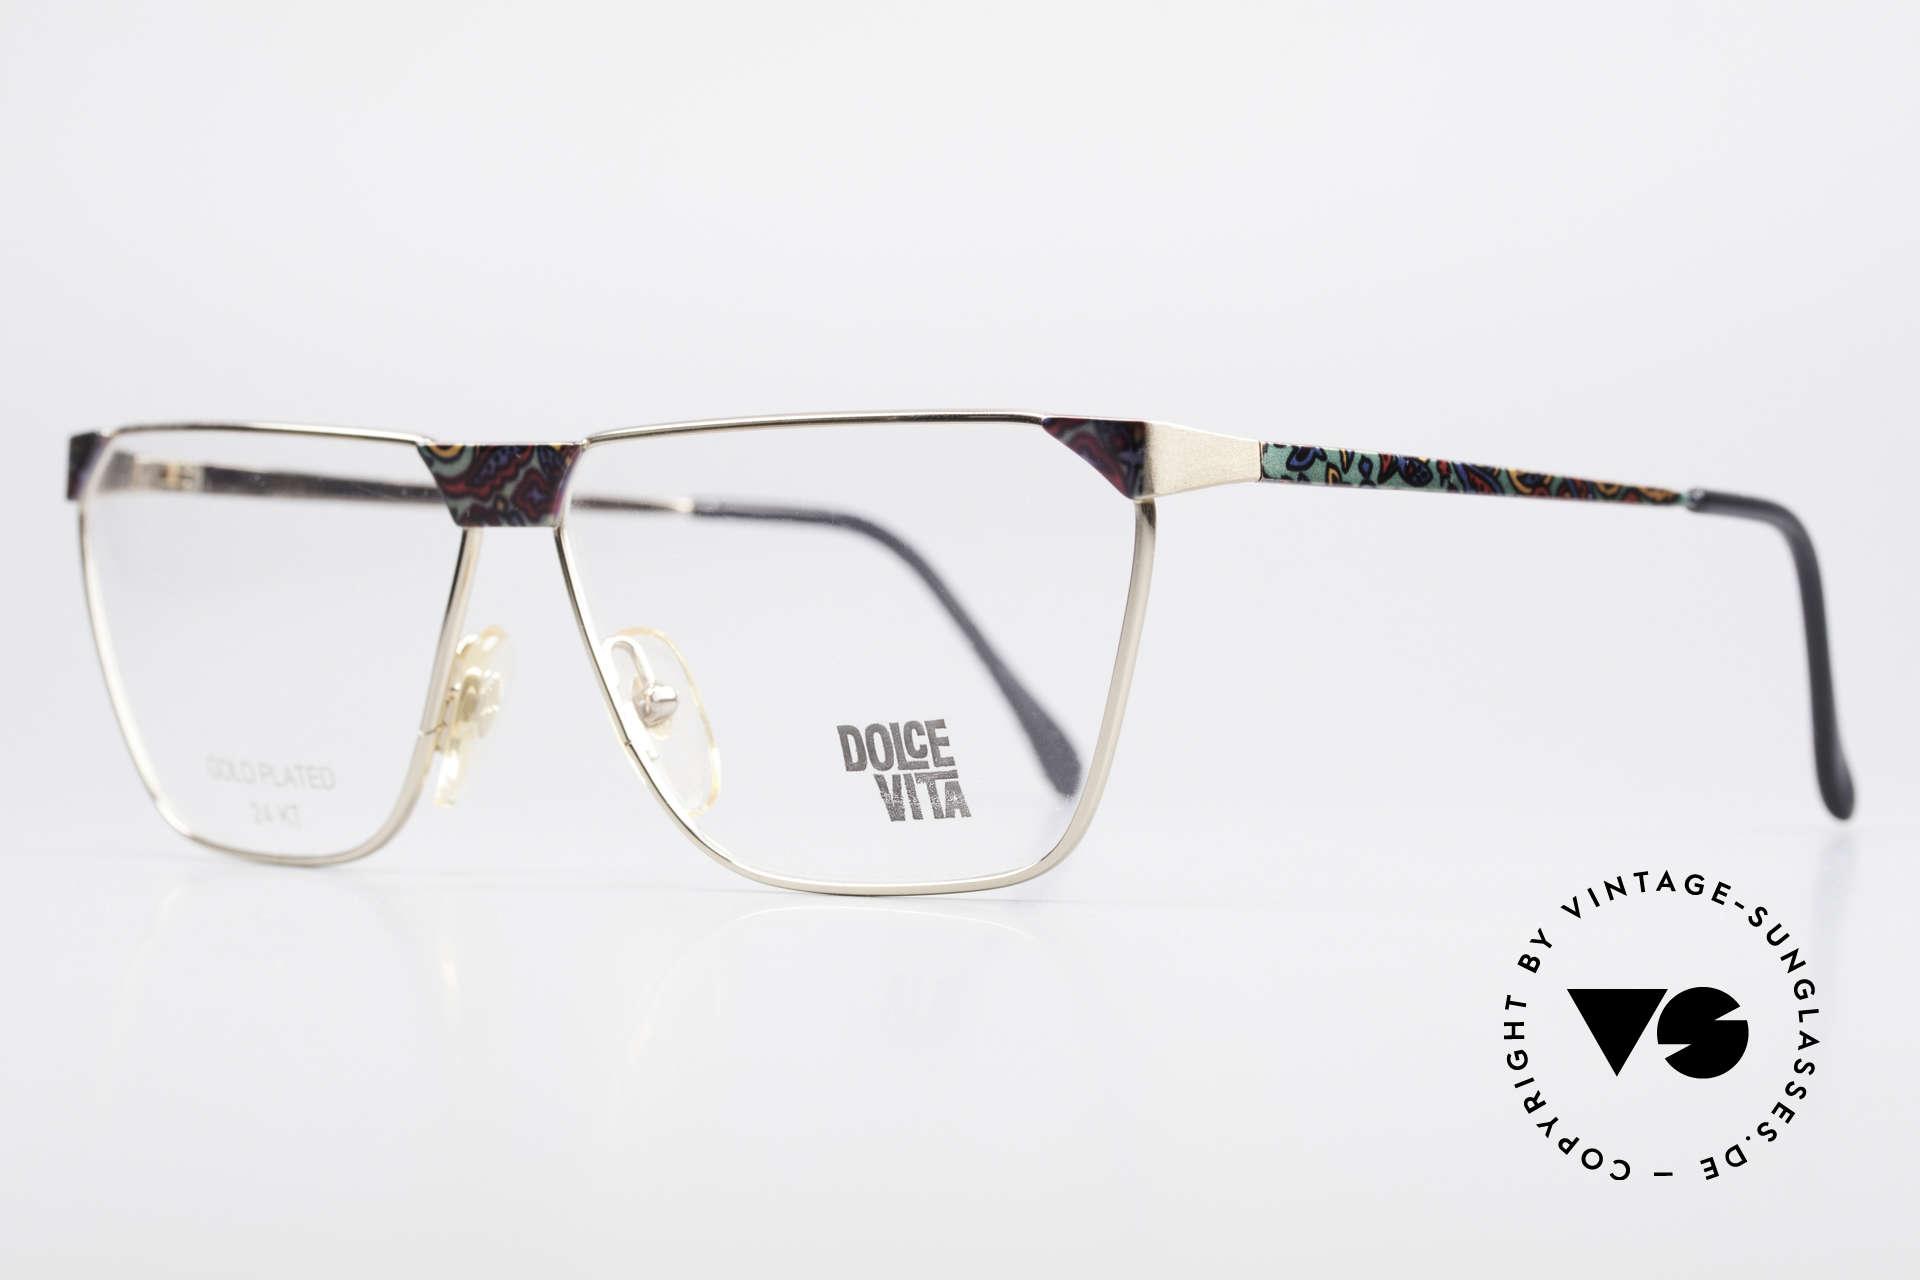 Casanova NM22 Dolce Vita 24kt Vintage Brille, vergoldete Metall-Fassung (damals selbstverständlich), Passend für Herren und Damen